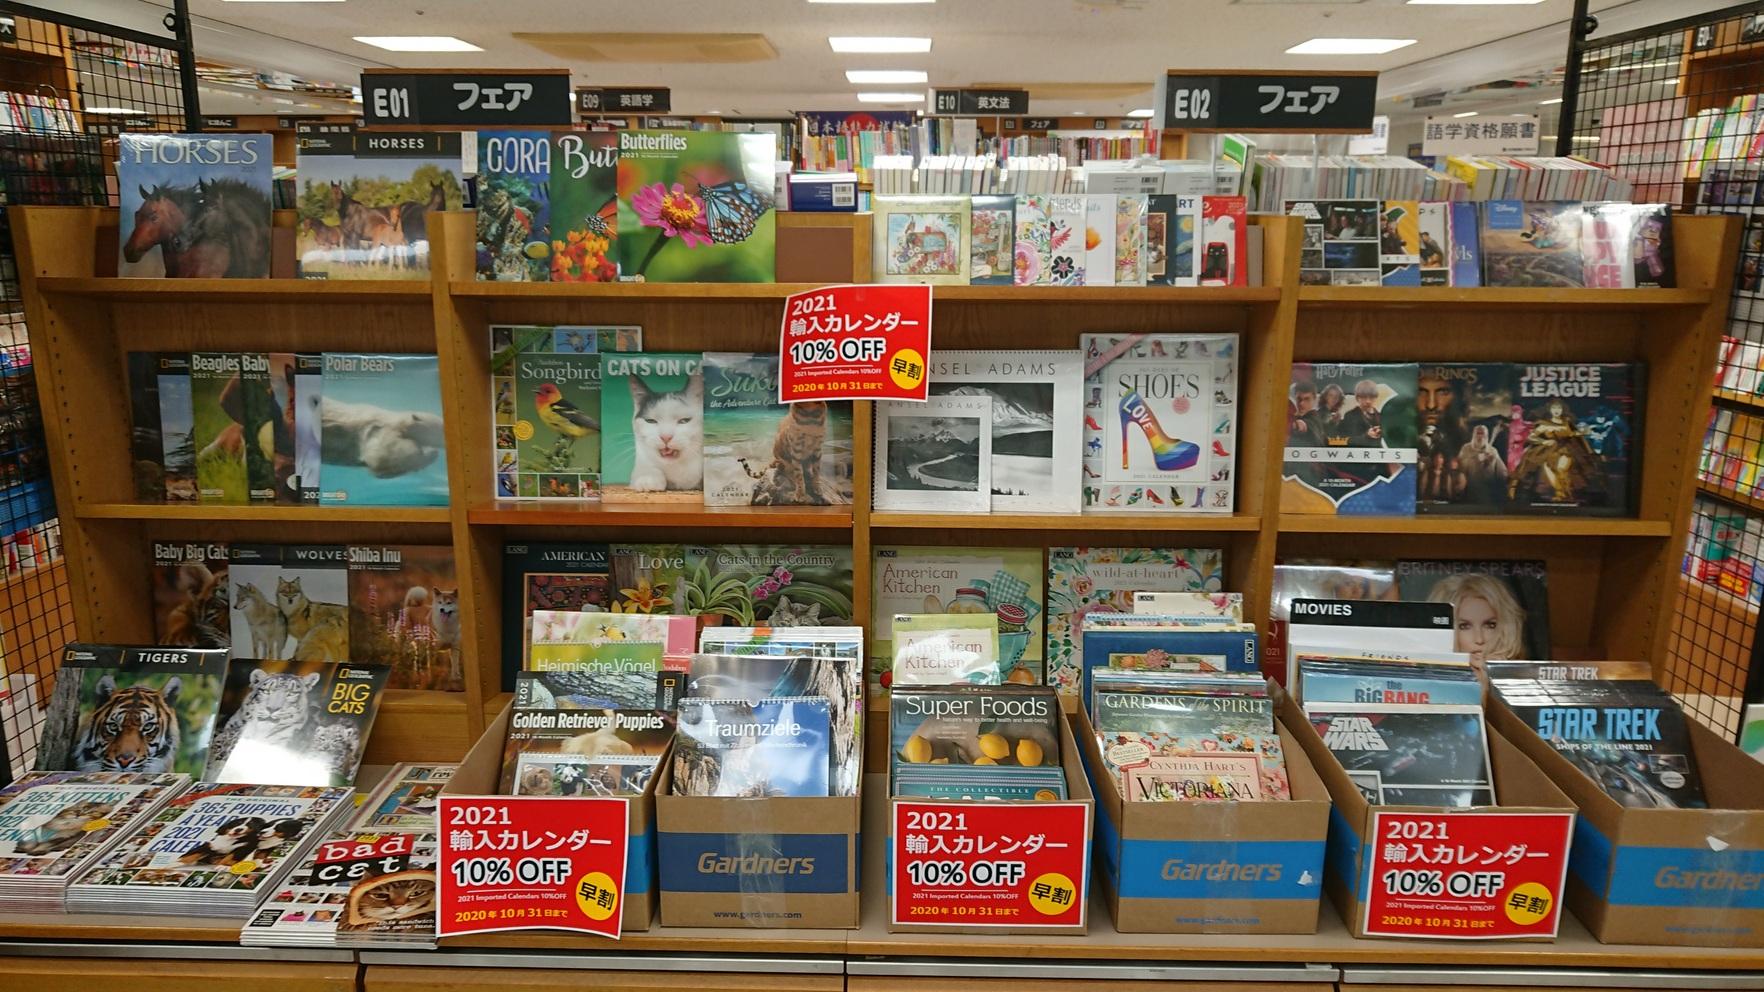 紀伊國屋書店:【7階フェア】2021年輸入カレンダーフェア開催中!